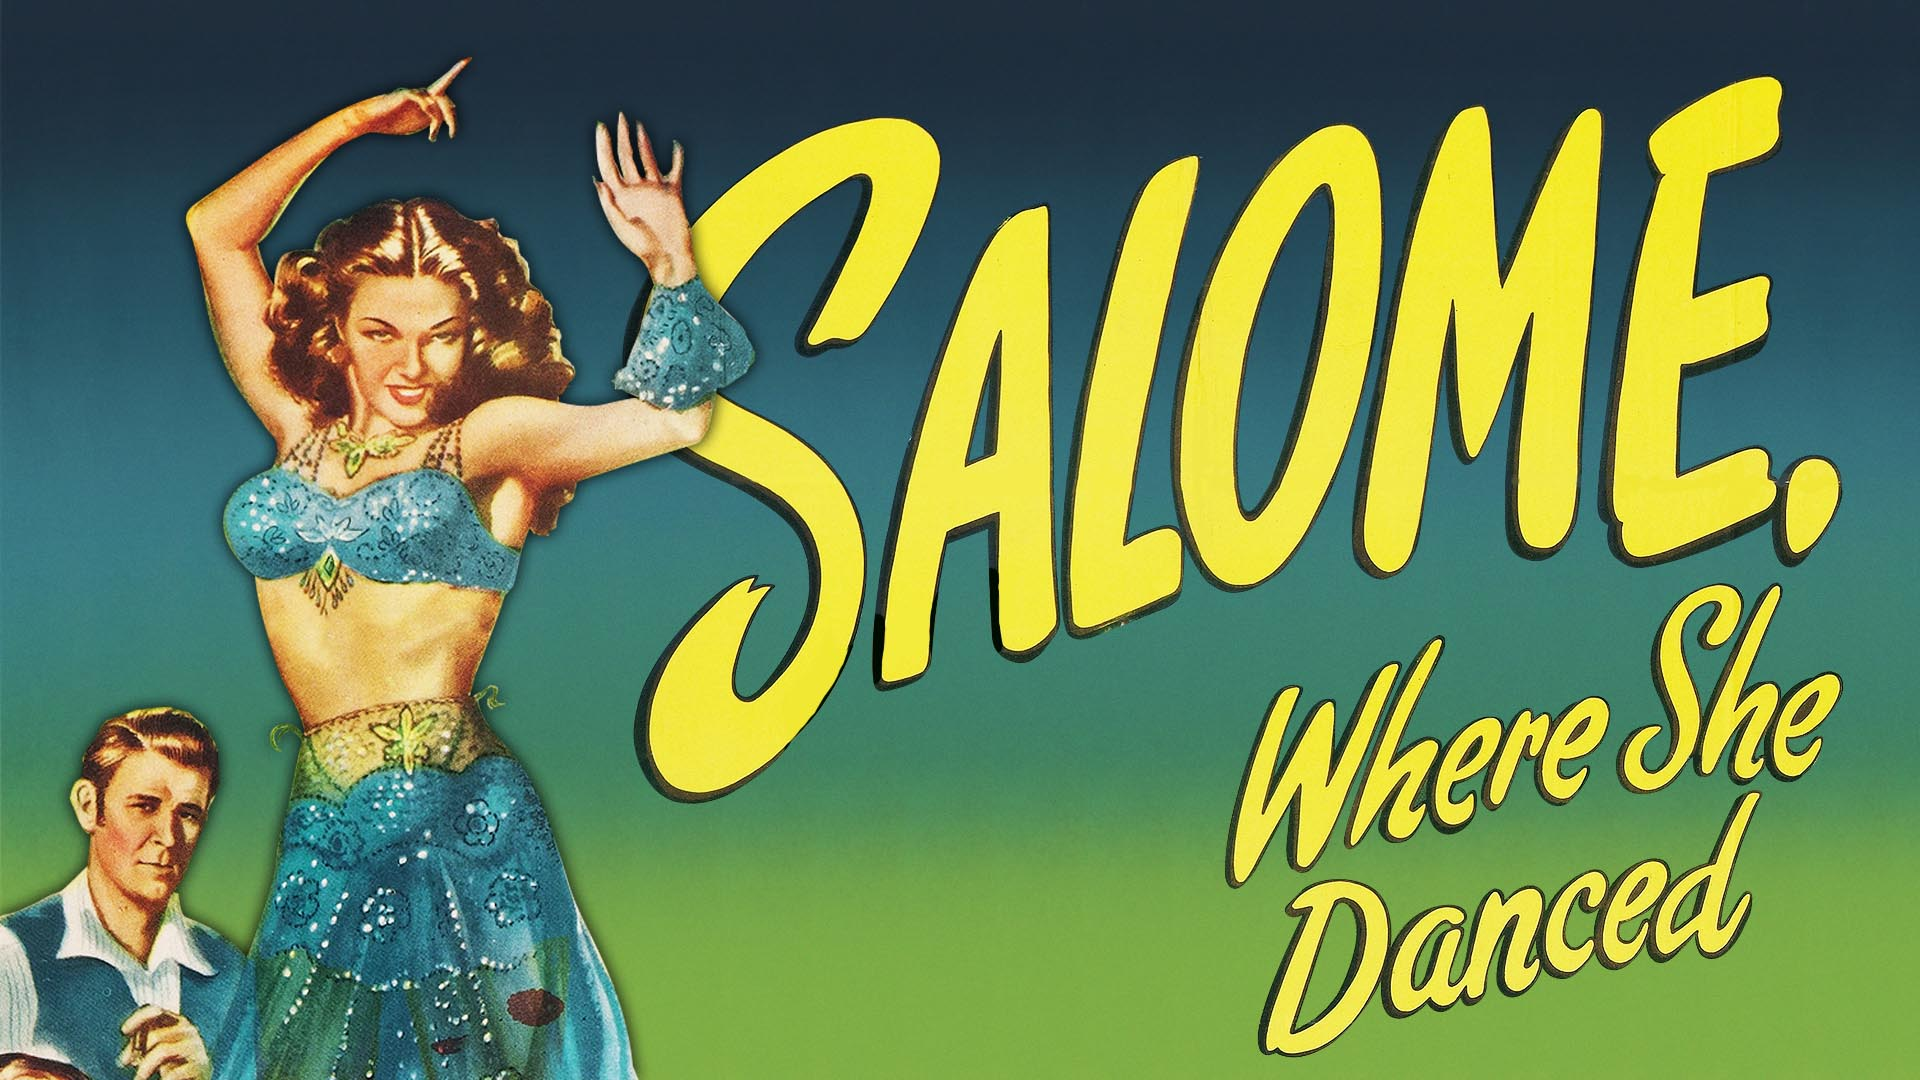 Salome Where She Danced